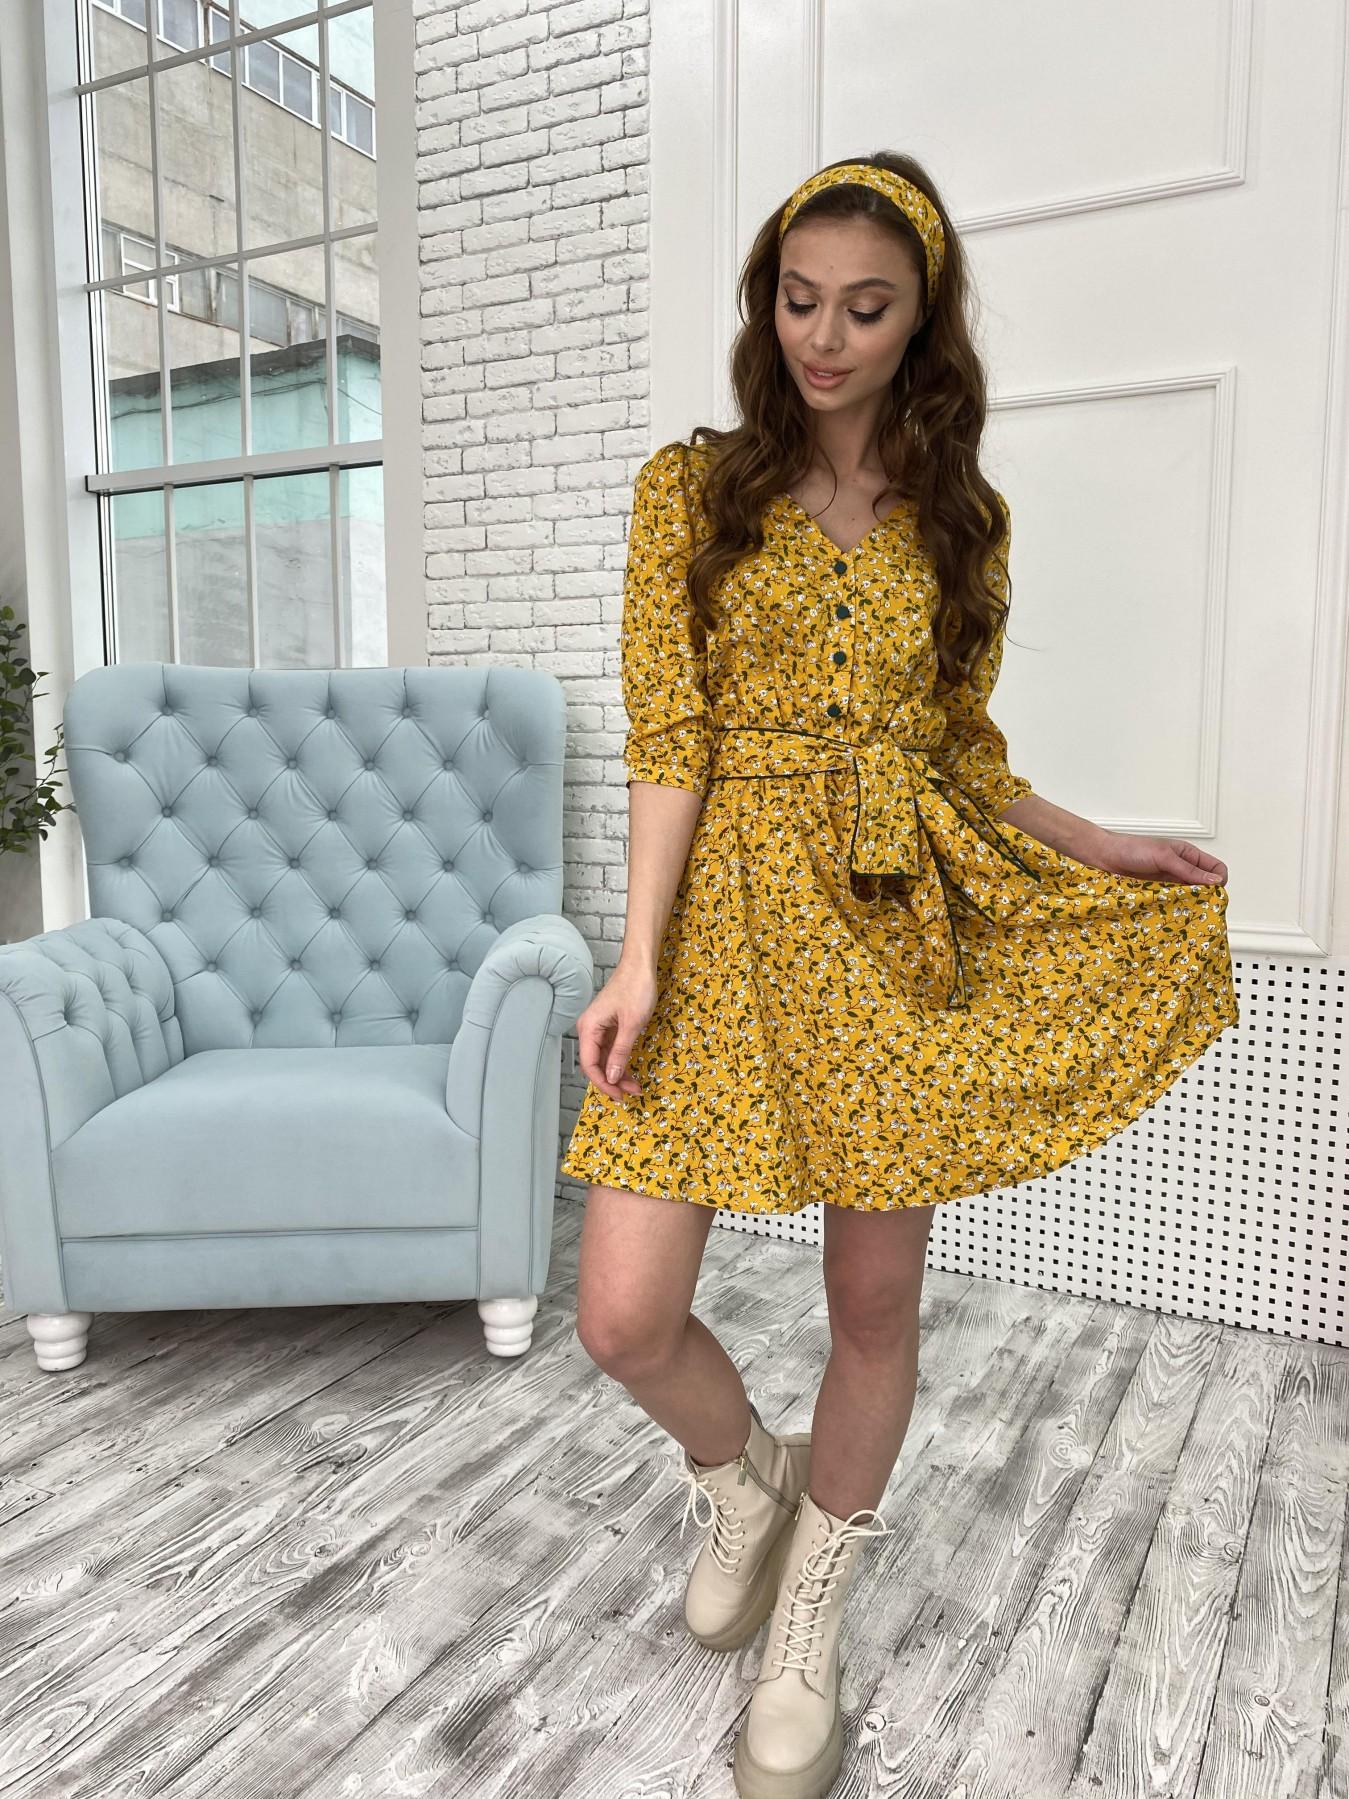 Джейн костюмка штапель принт платье 10881 АРТ. 47352 Цвет: Цветы мел горч/бел/гол - фото 6, интернет магазин tm-modus.ru